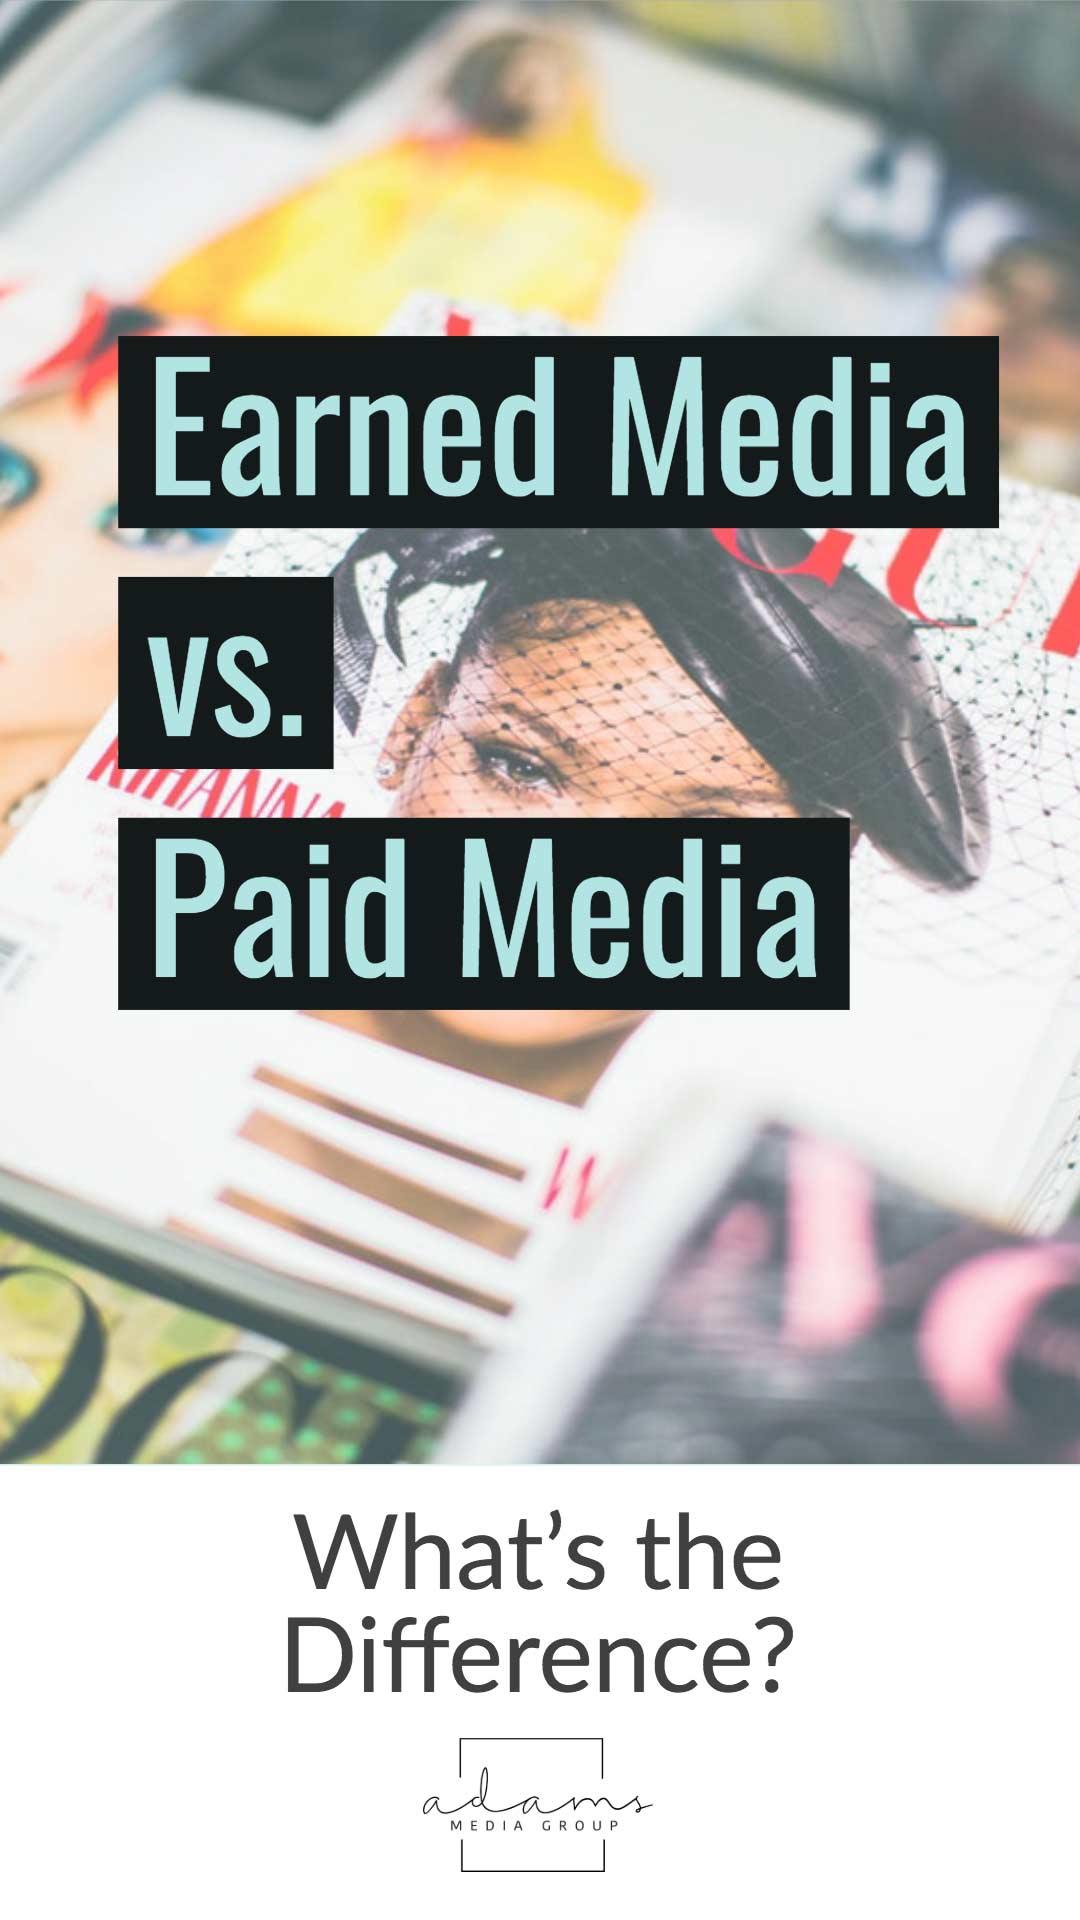 earned media vs paid media